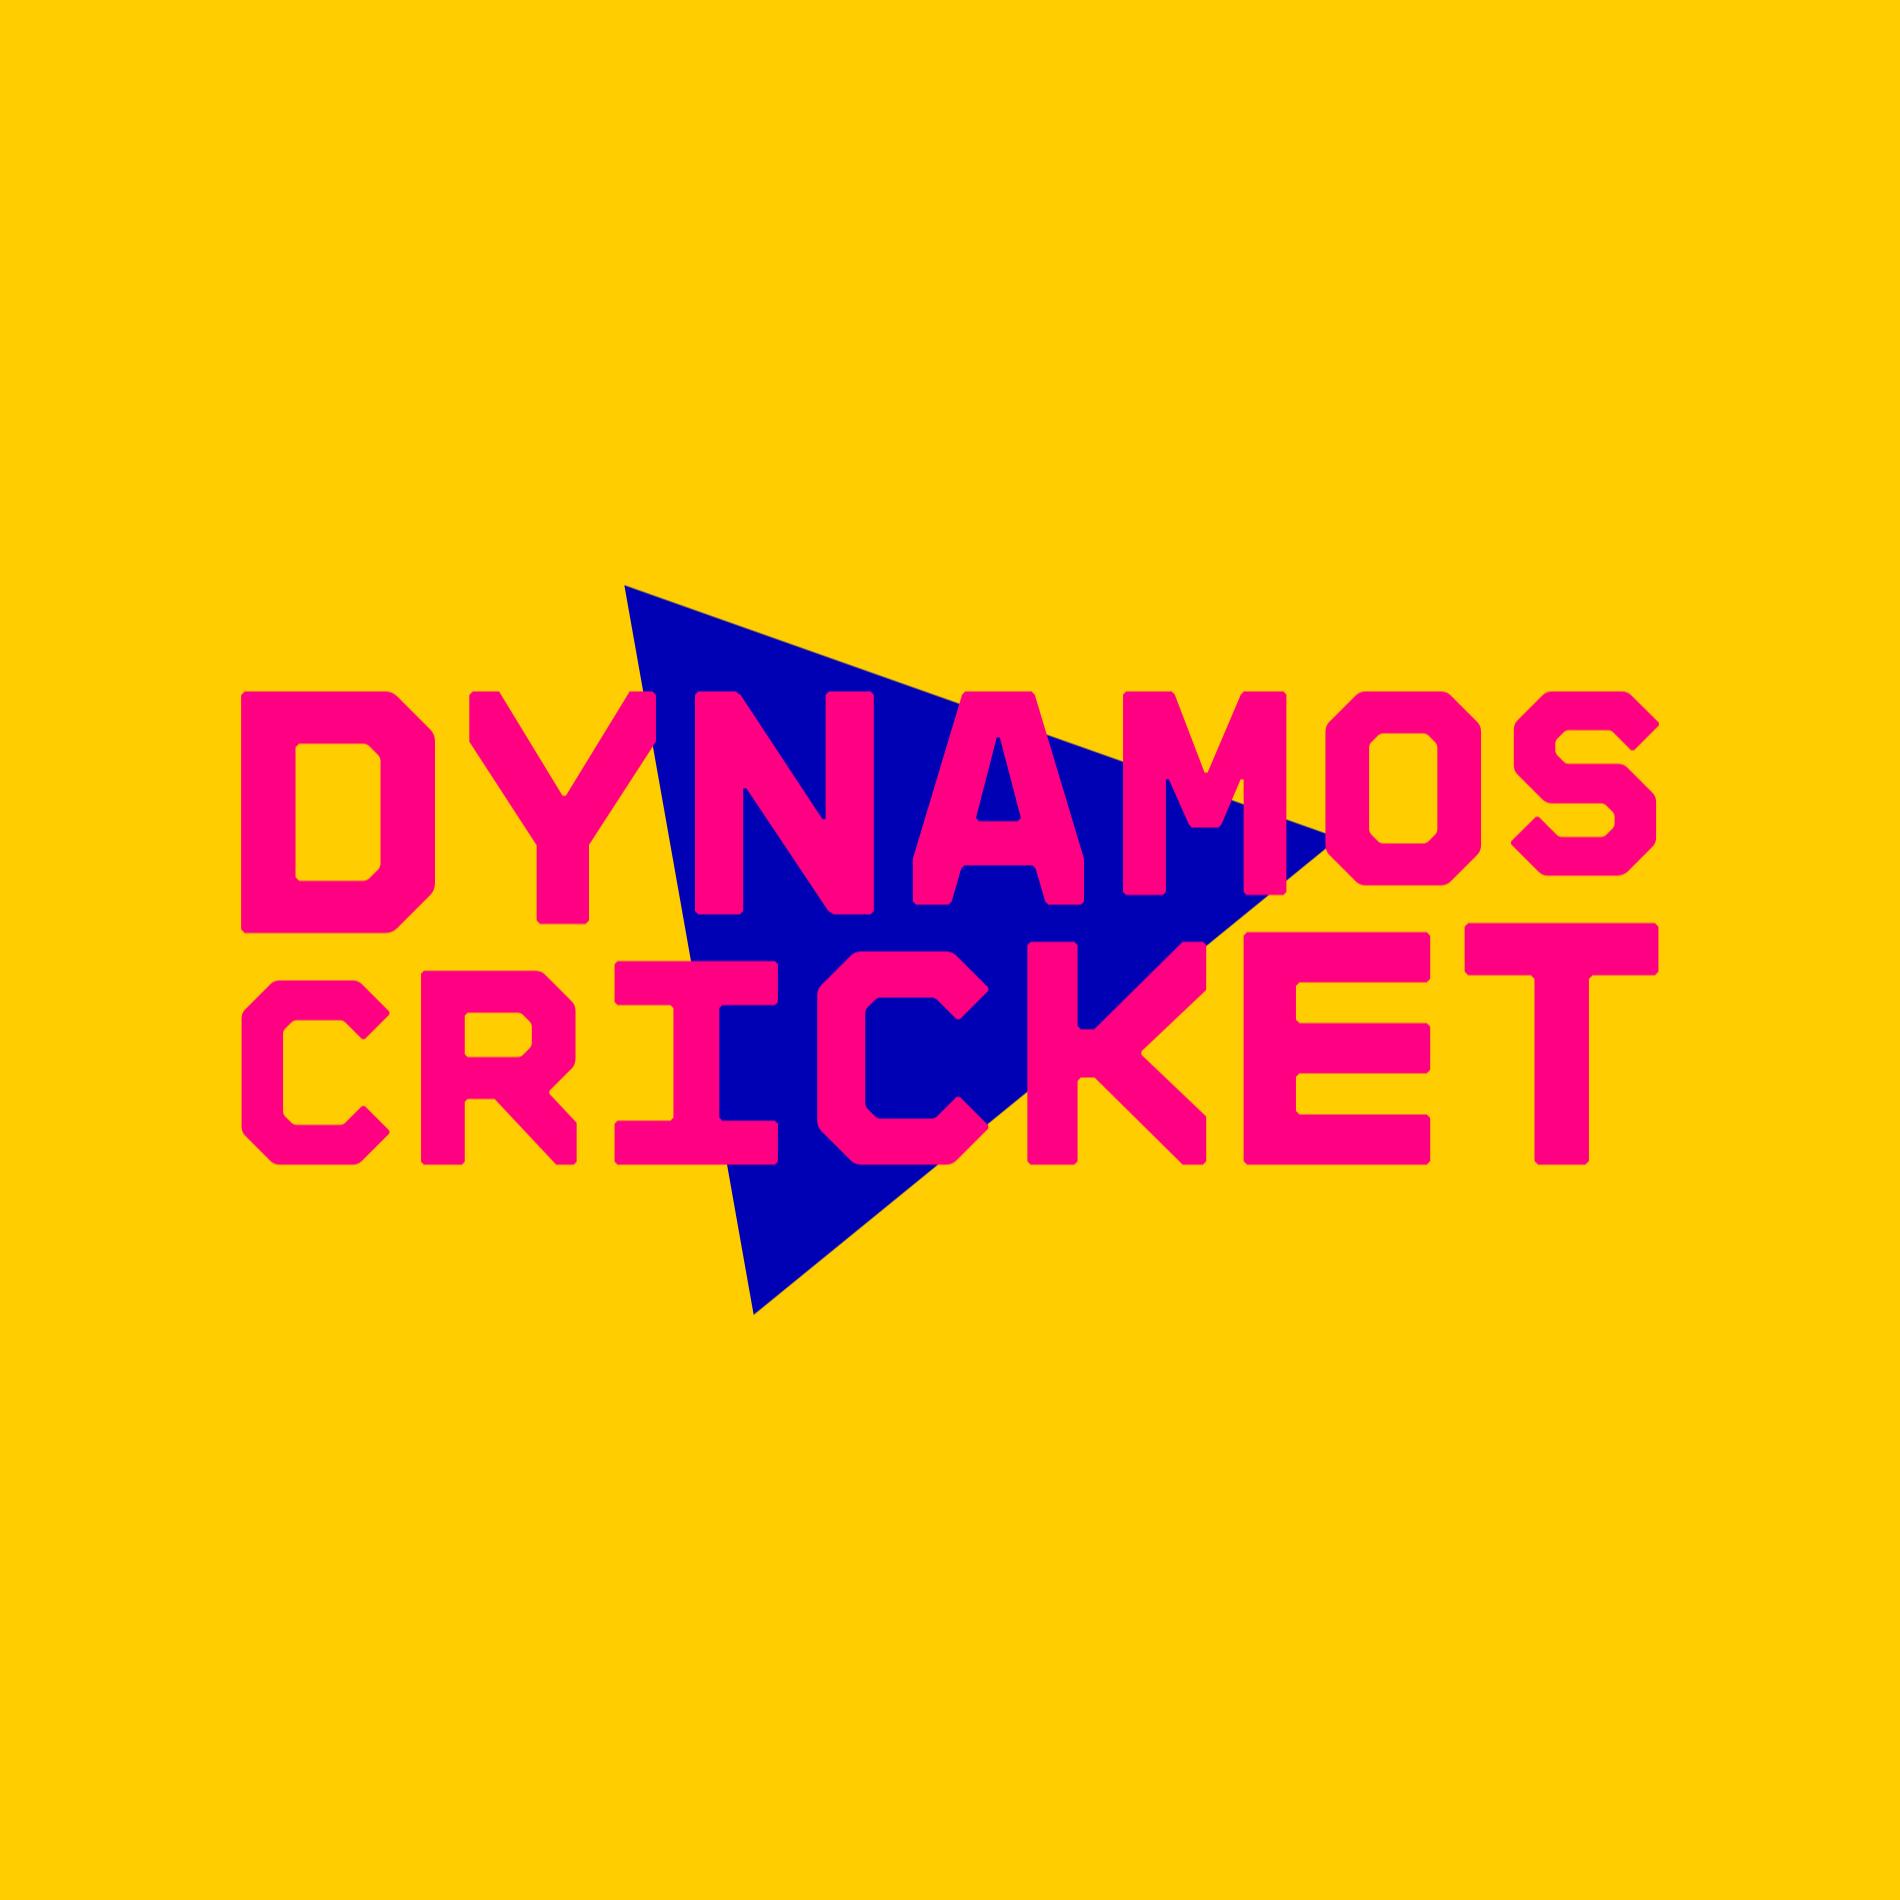 All Stars & Dynamos Friday 7 May 2021